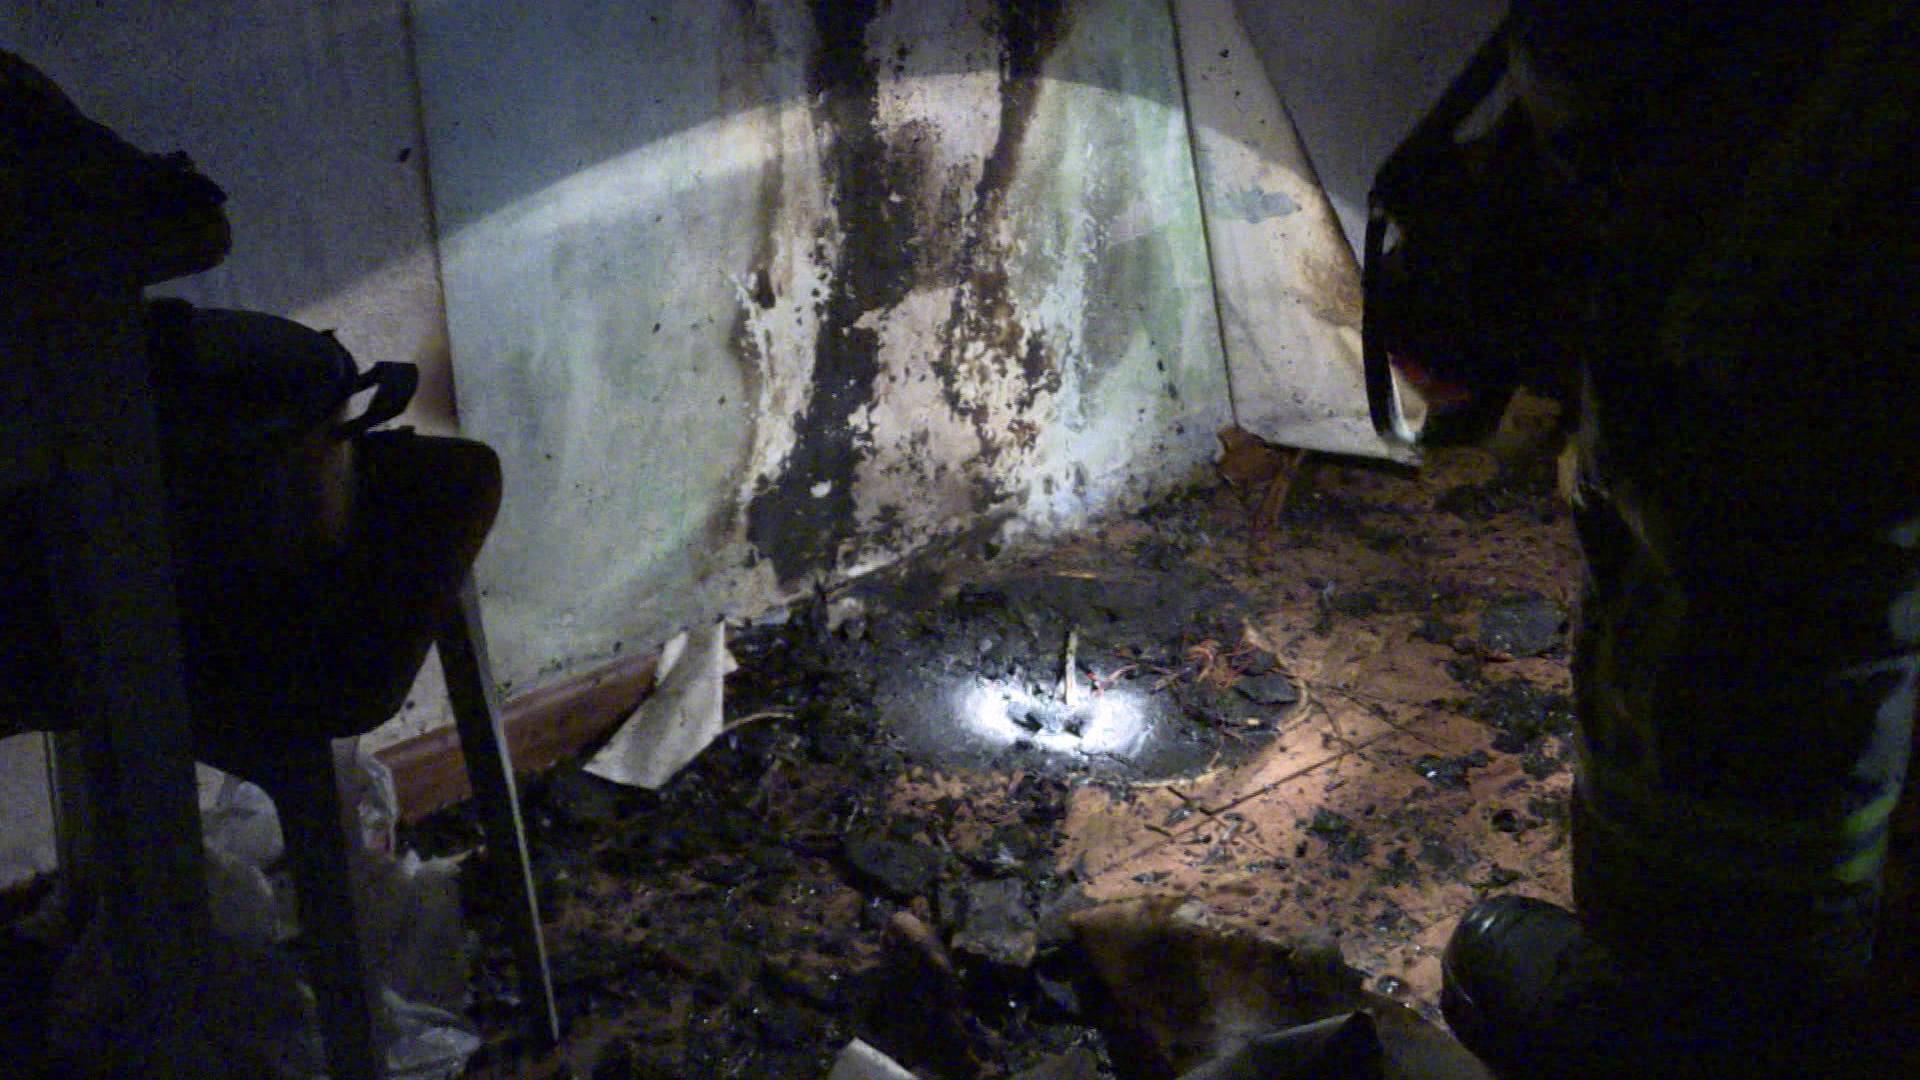 Костромские власти встревожены пожарной безопасностью накануне новогодних праздников